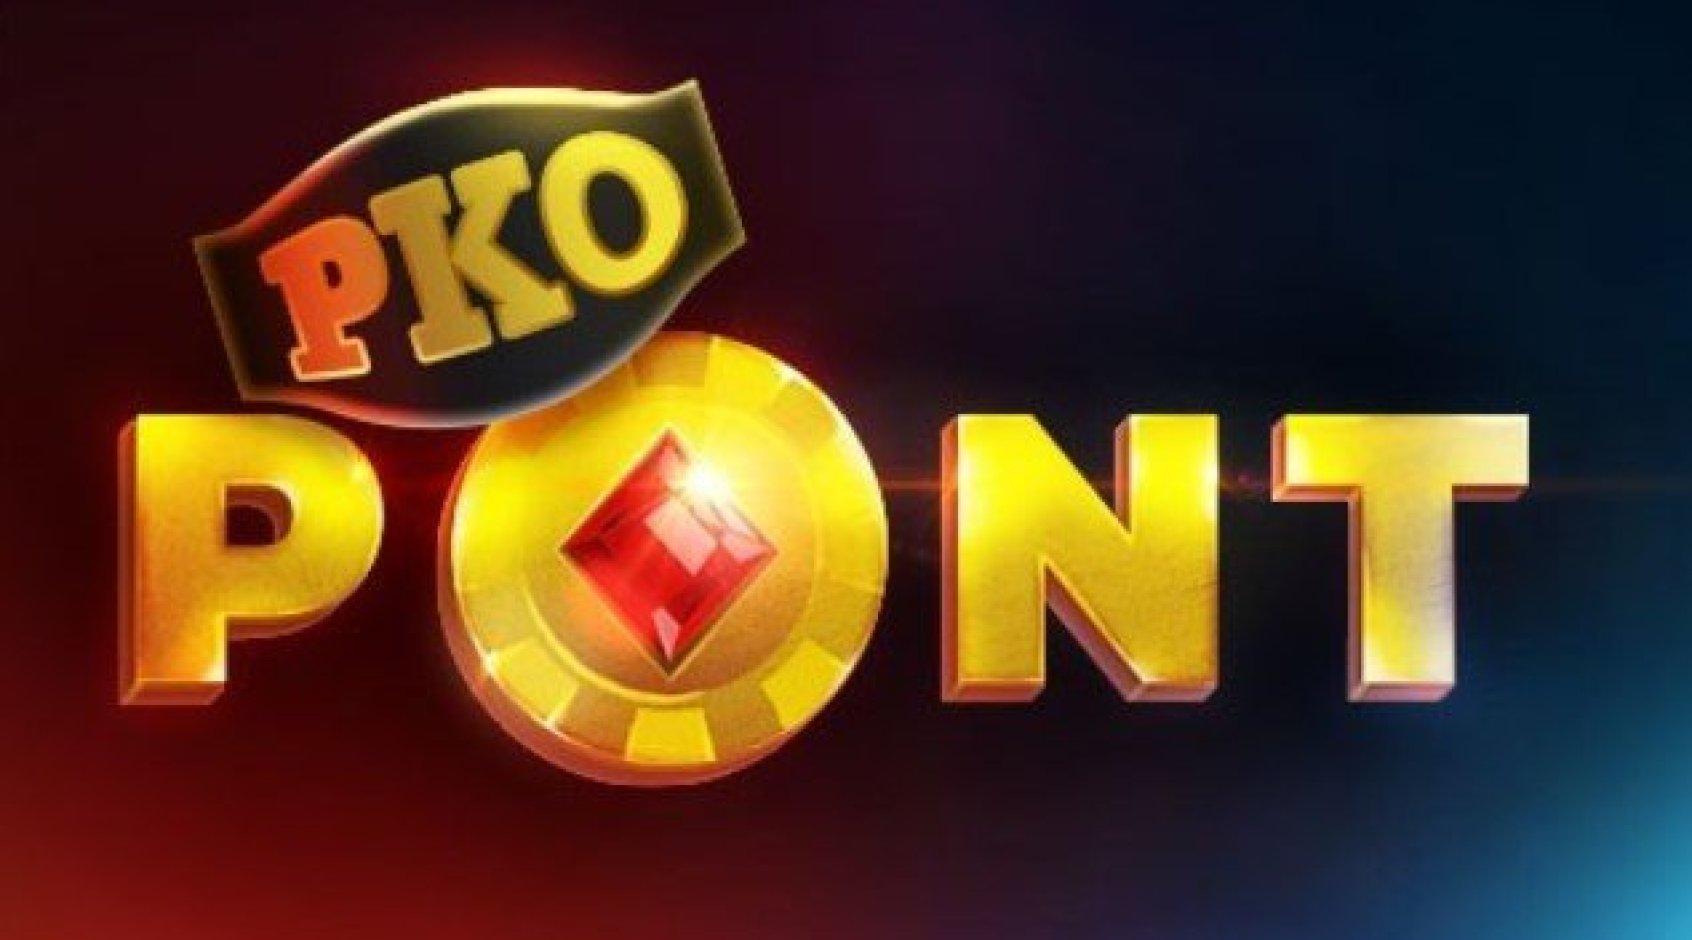 Итоги суперсерии PKO PONT: покеристы заработали более 17,5 миллионов гривен